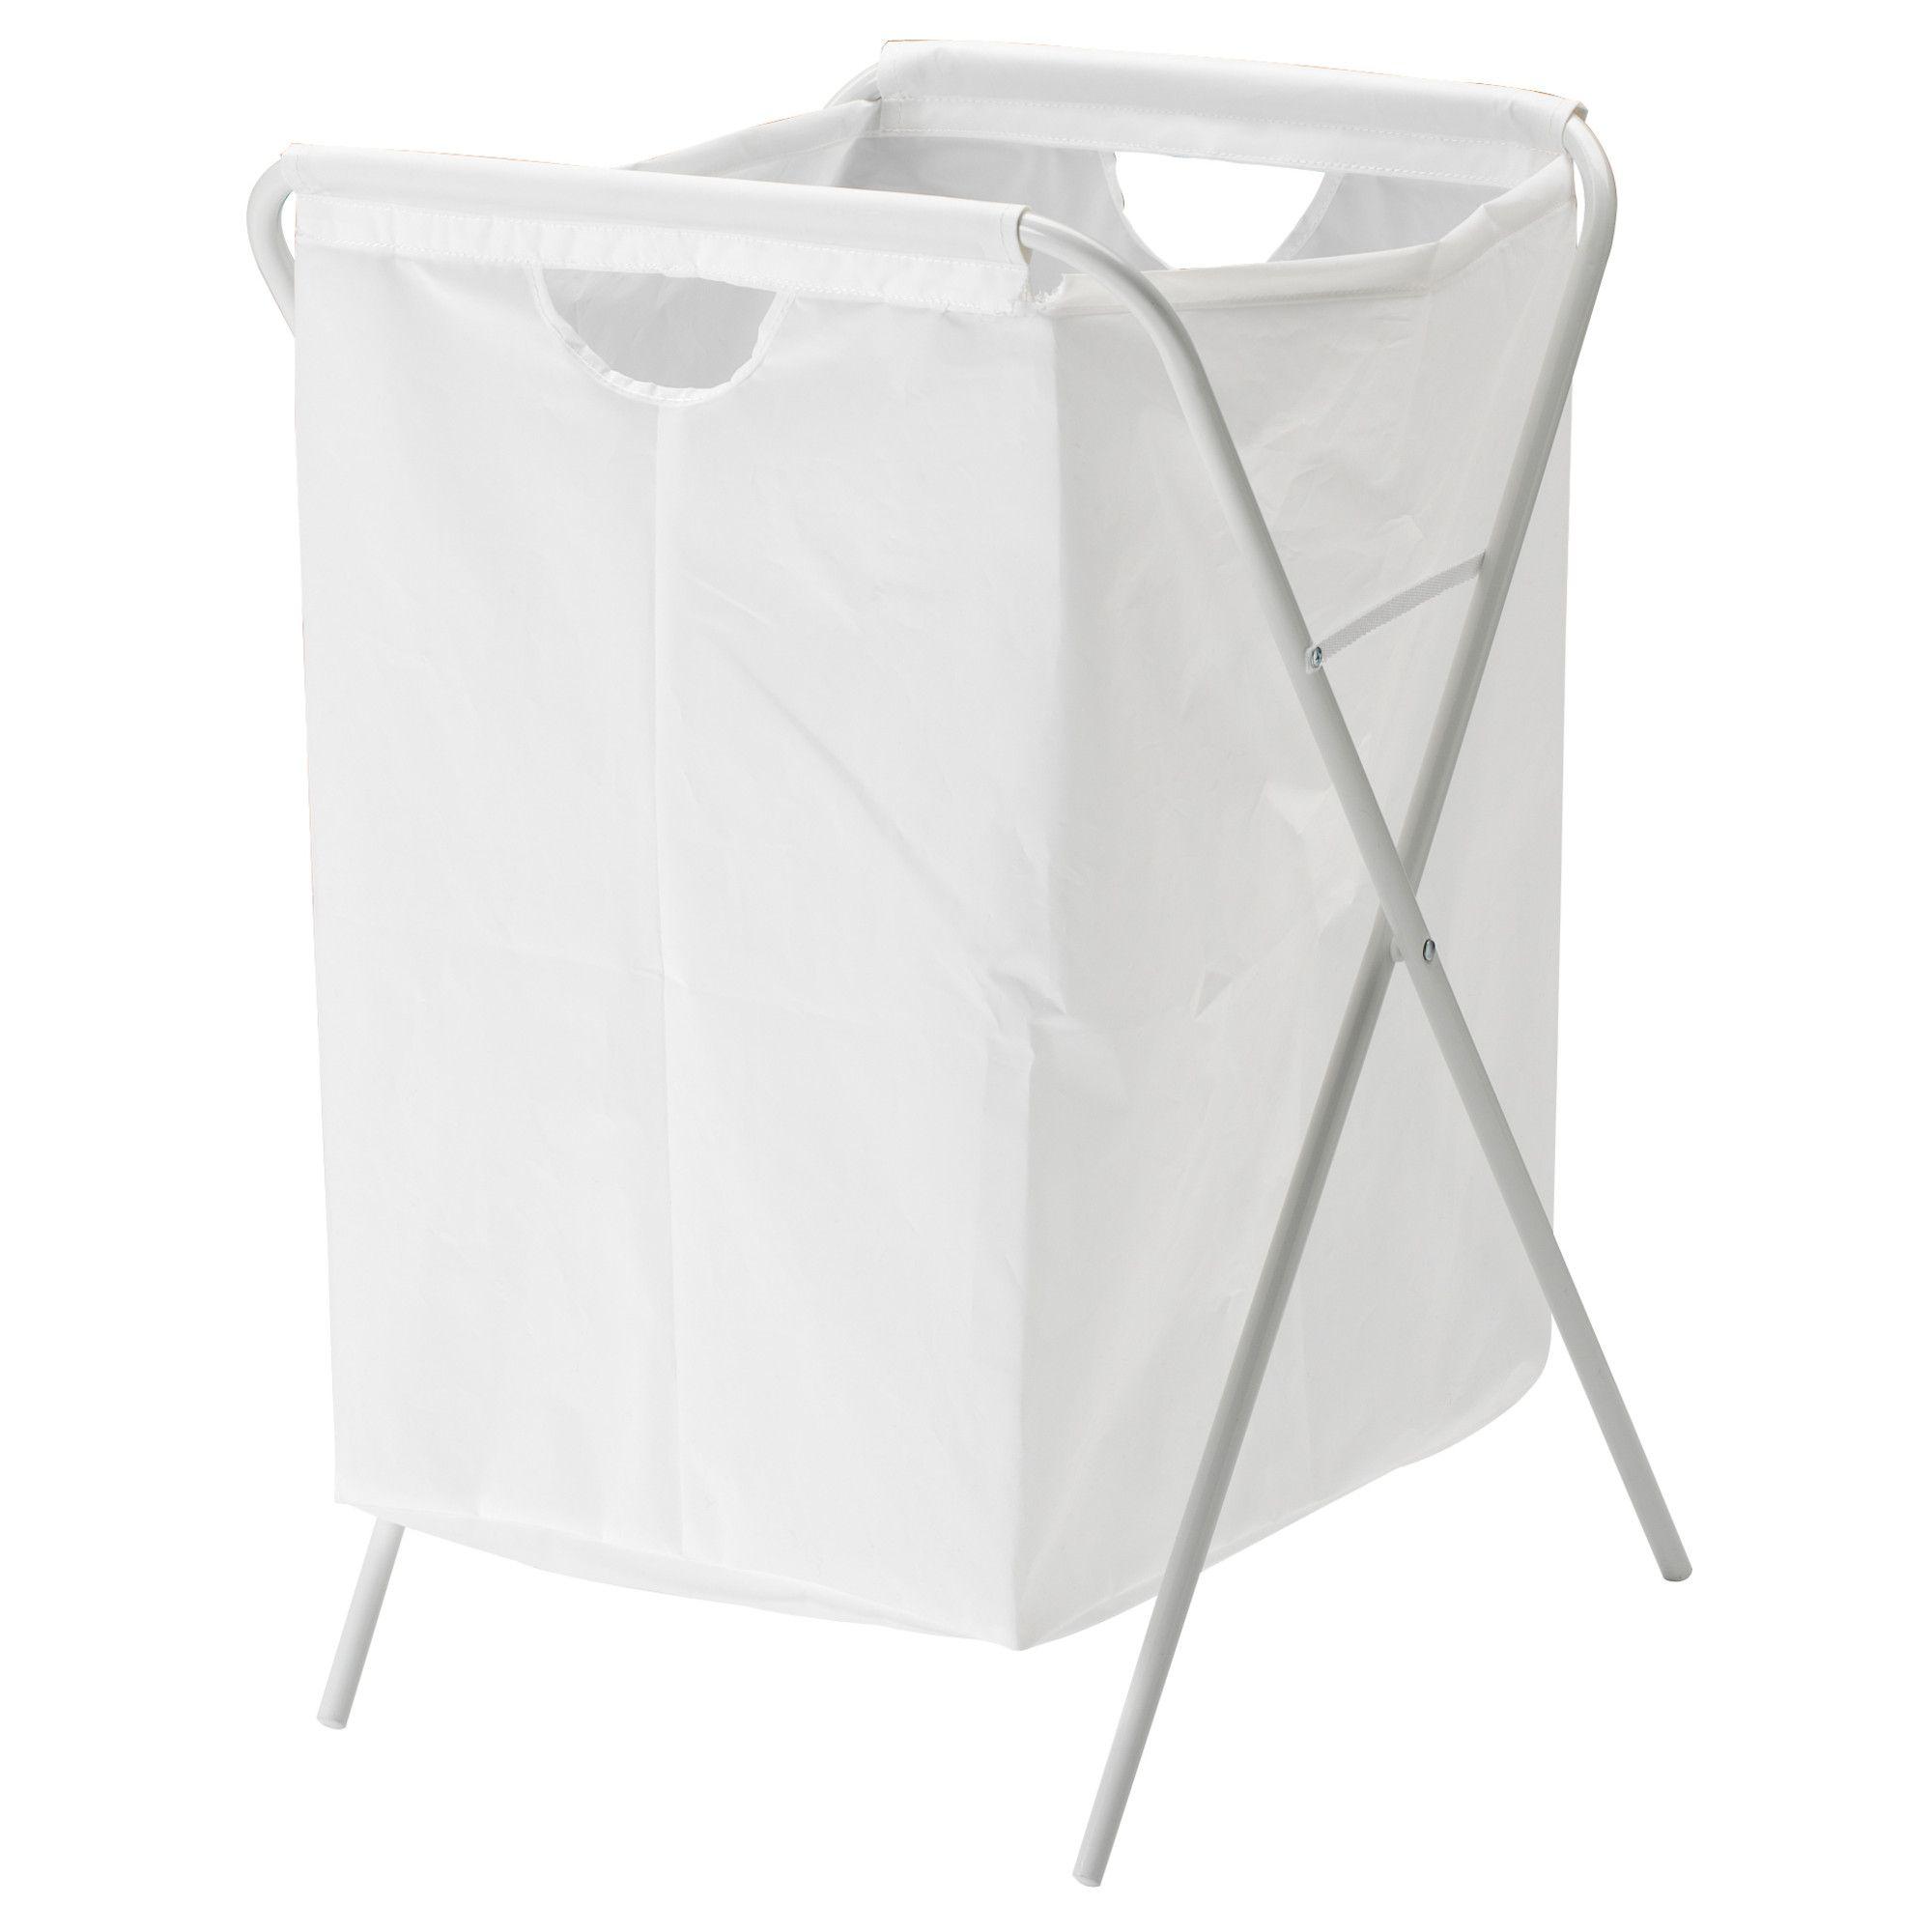 Ikea Grundtal Laundry Bin With Casters Laundry Bin Ikea Laundry